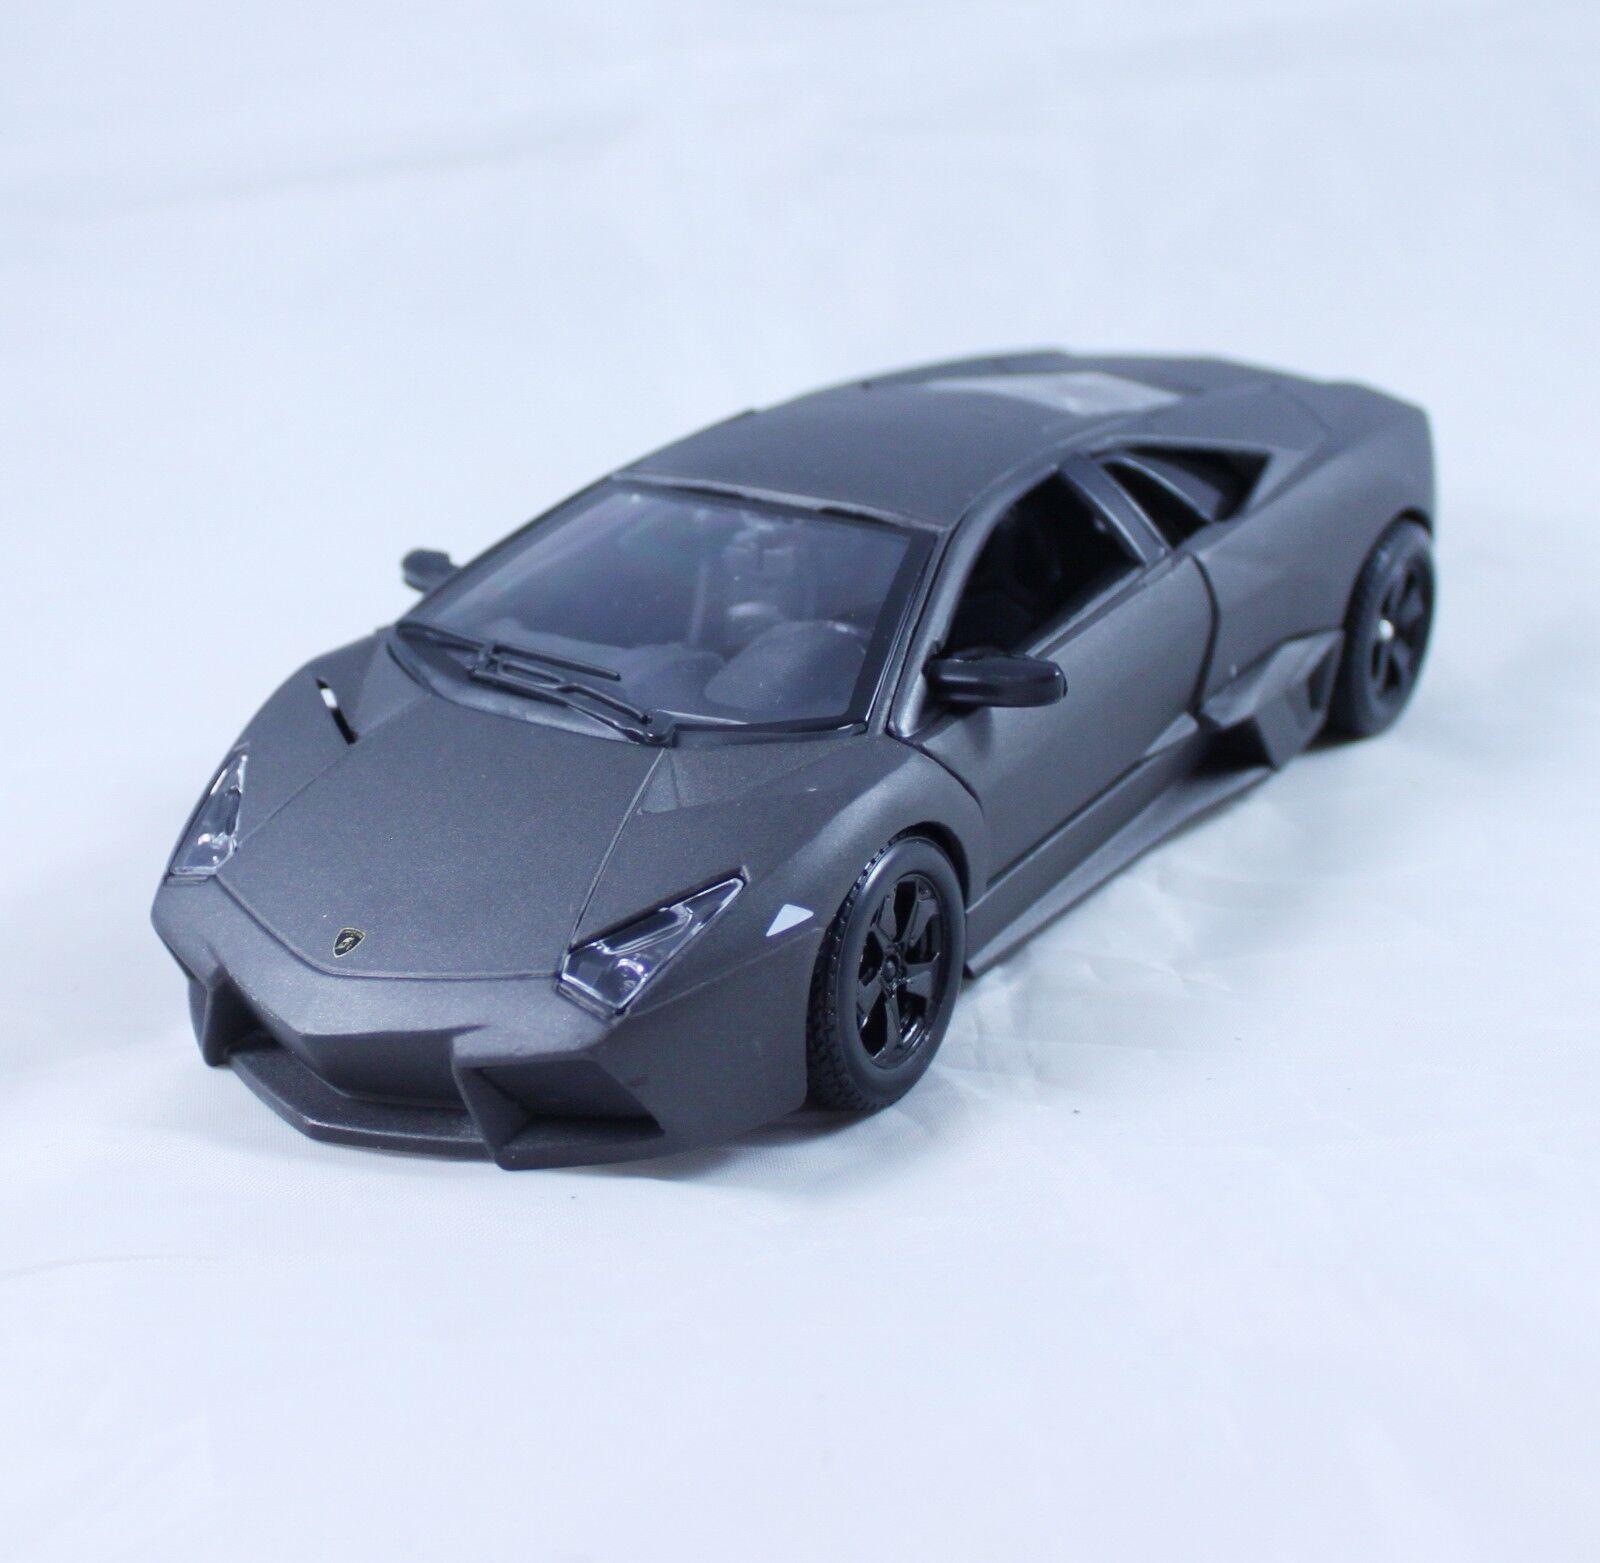 Bburago 1 24 Lamborghini Reventon Diecast Car Model Matte Black For